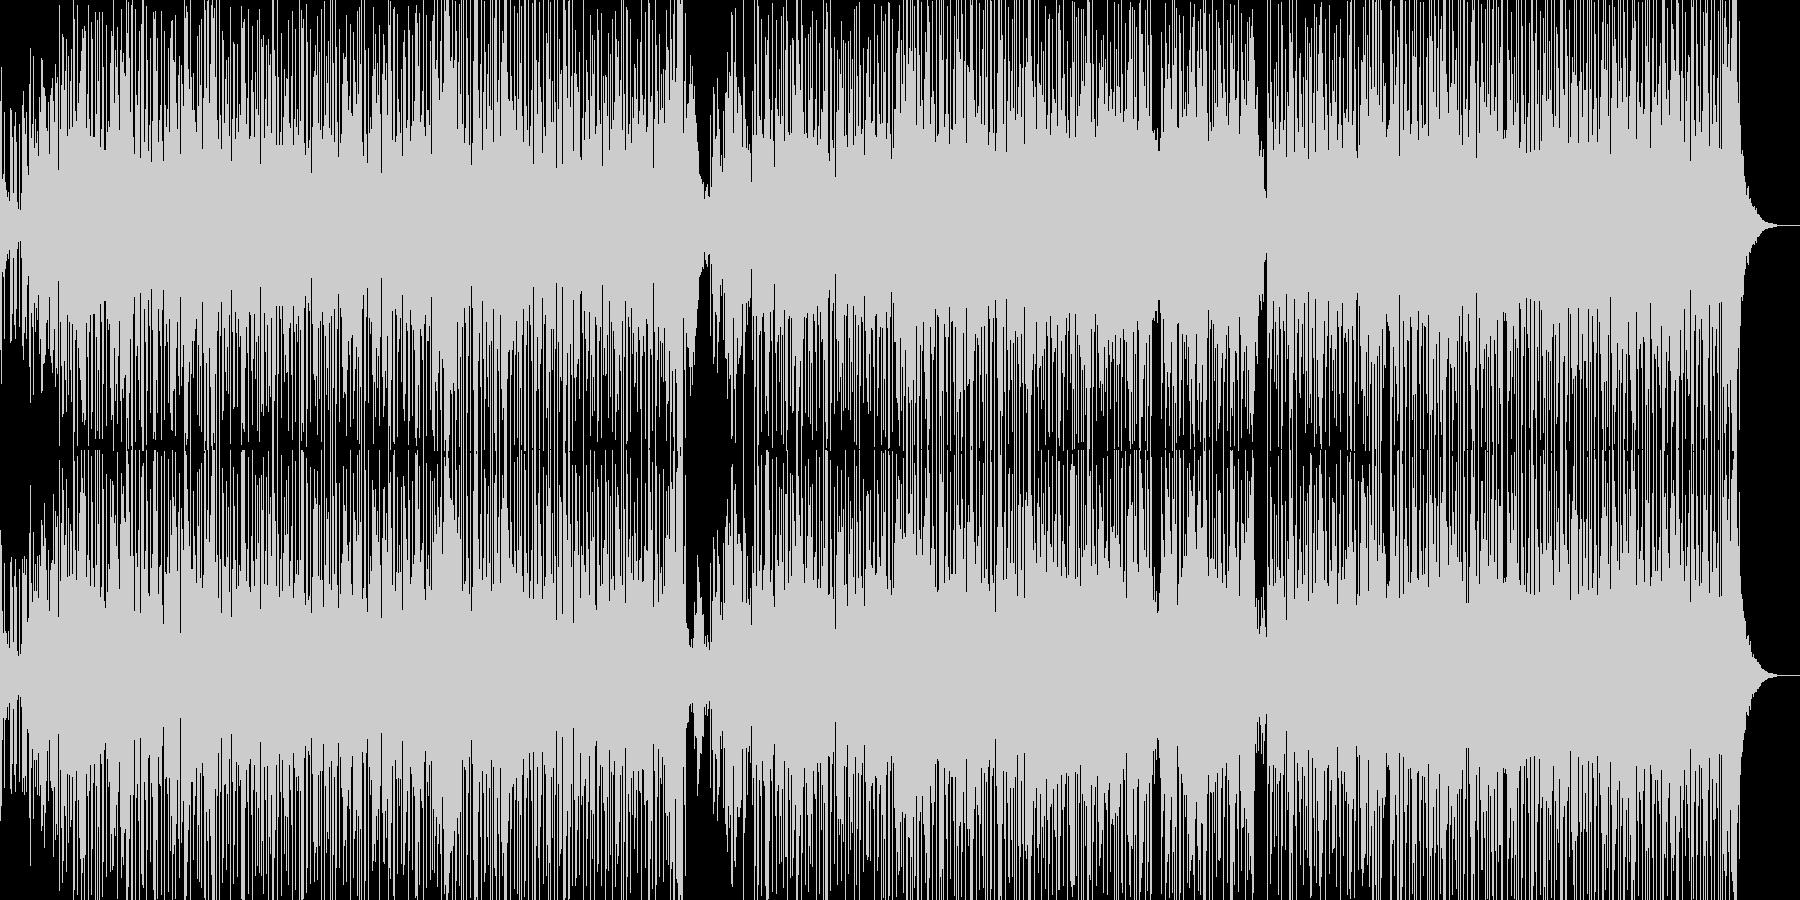 ヒップホップ風のR&Bファンクの未再生の波形